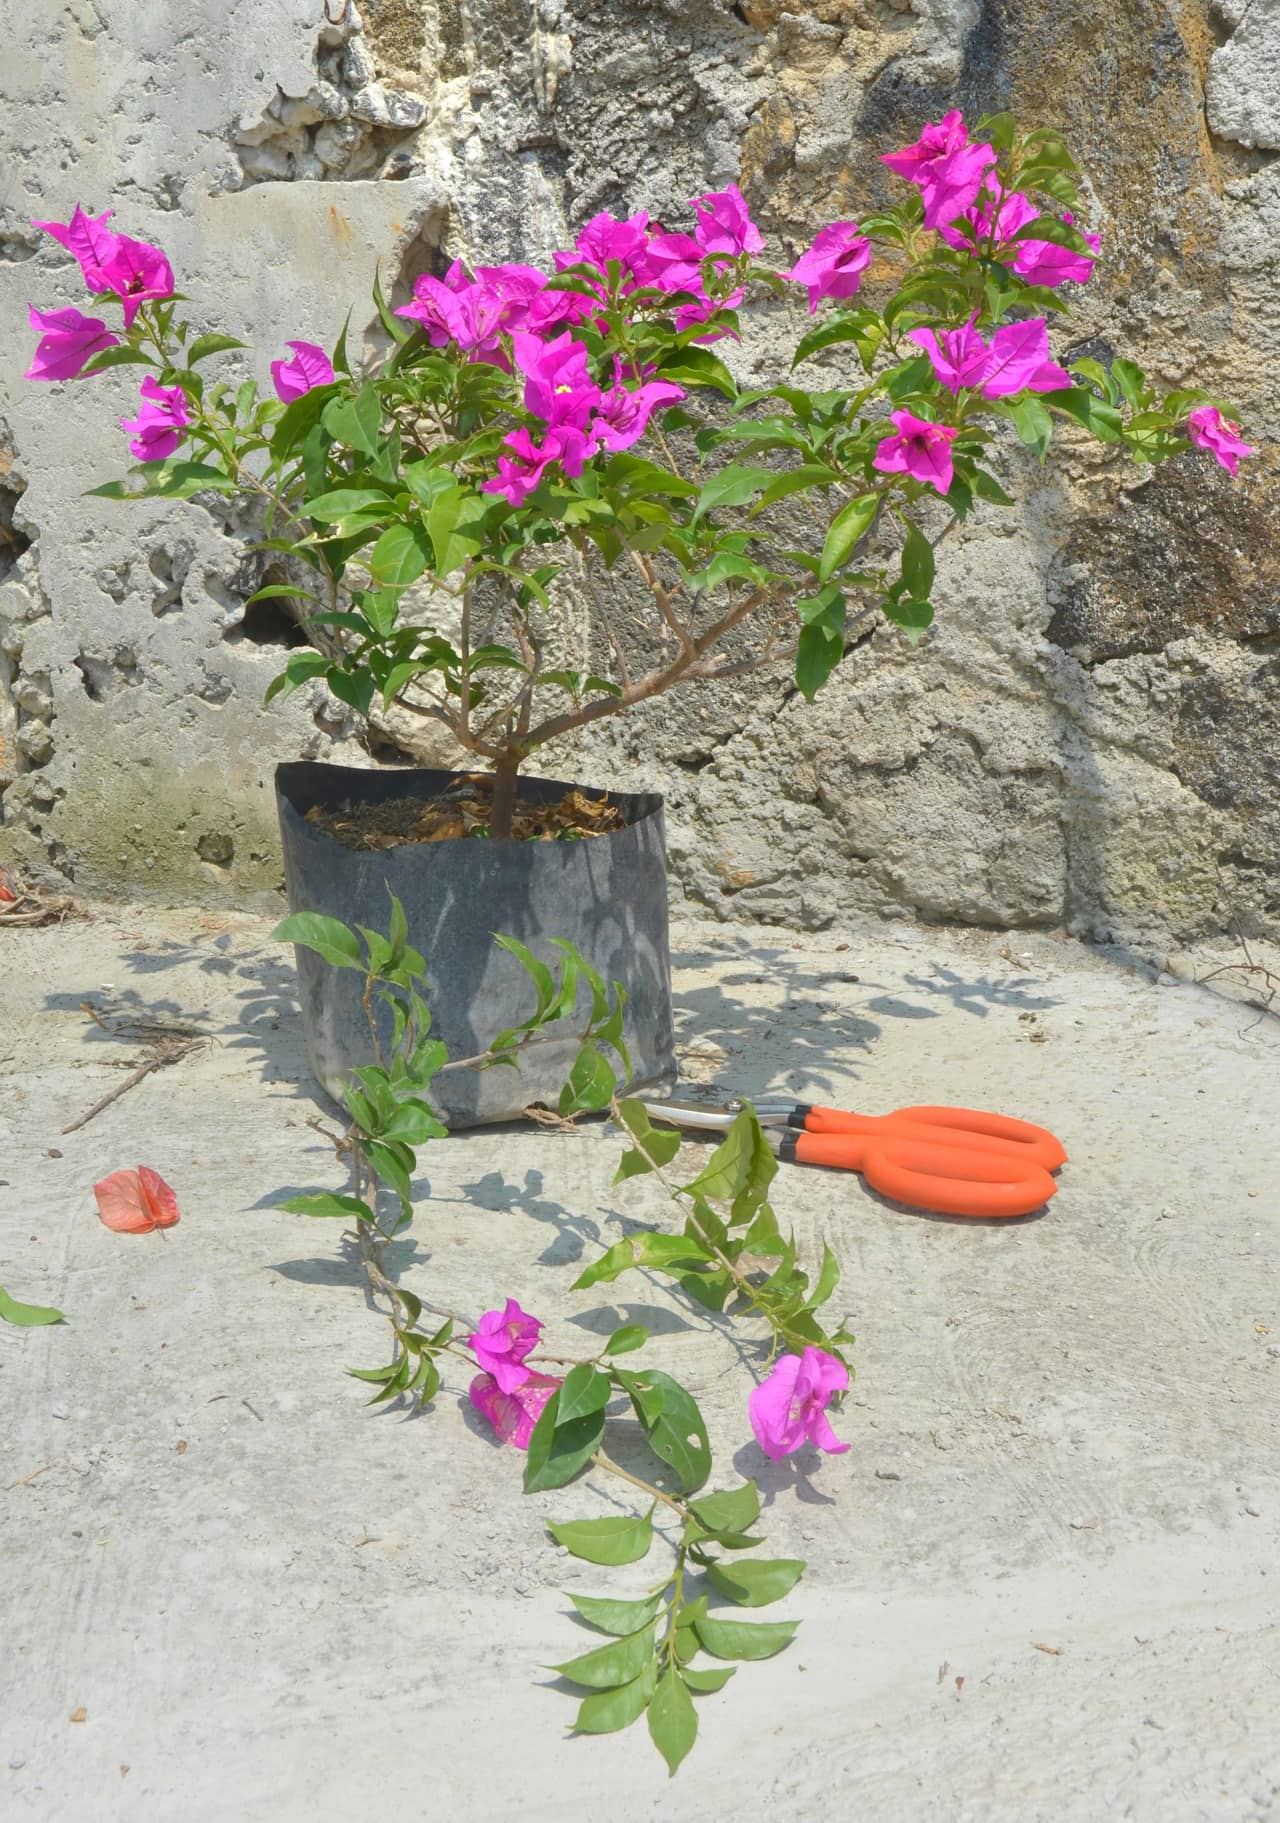 Cách trồng hoa giấy trong chậu cho hoa nở quanh năm